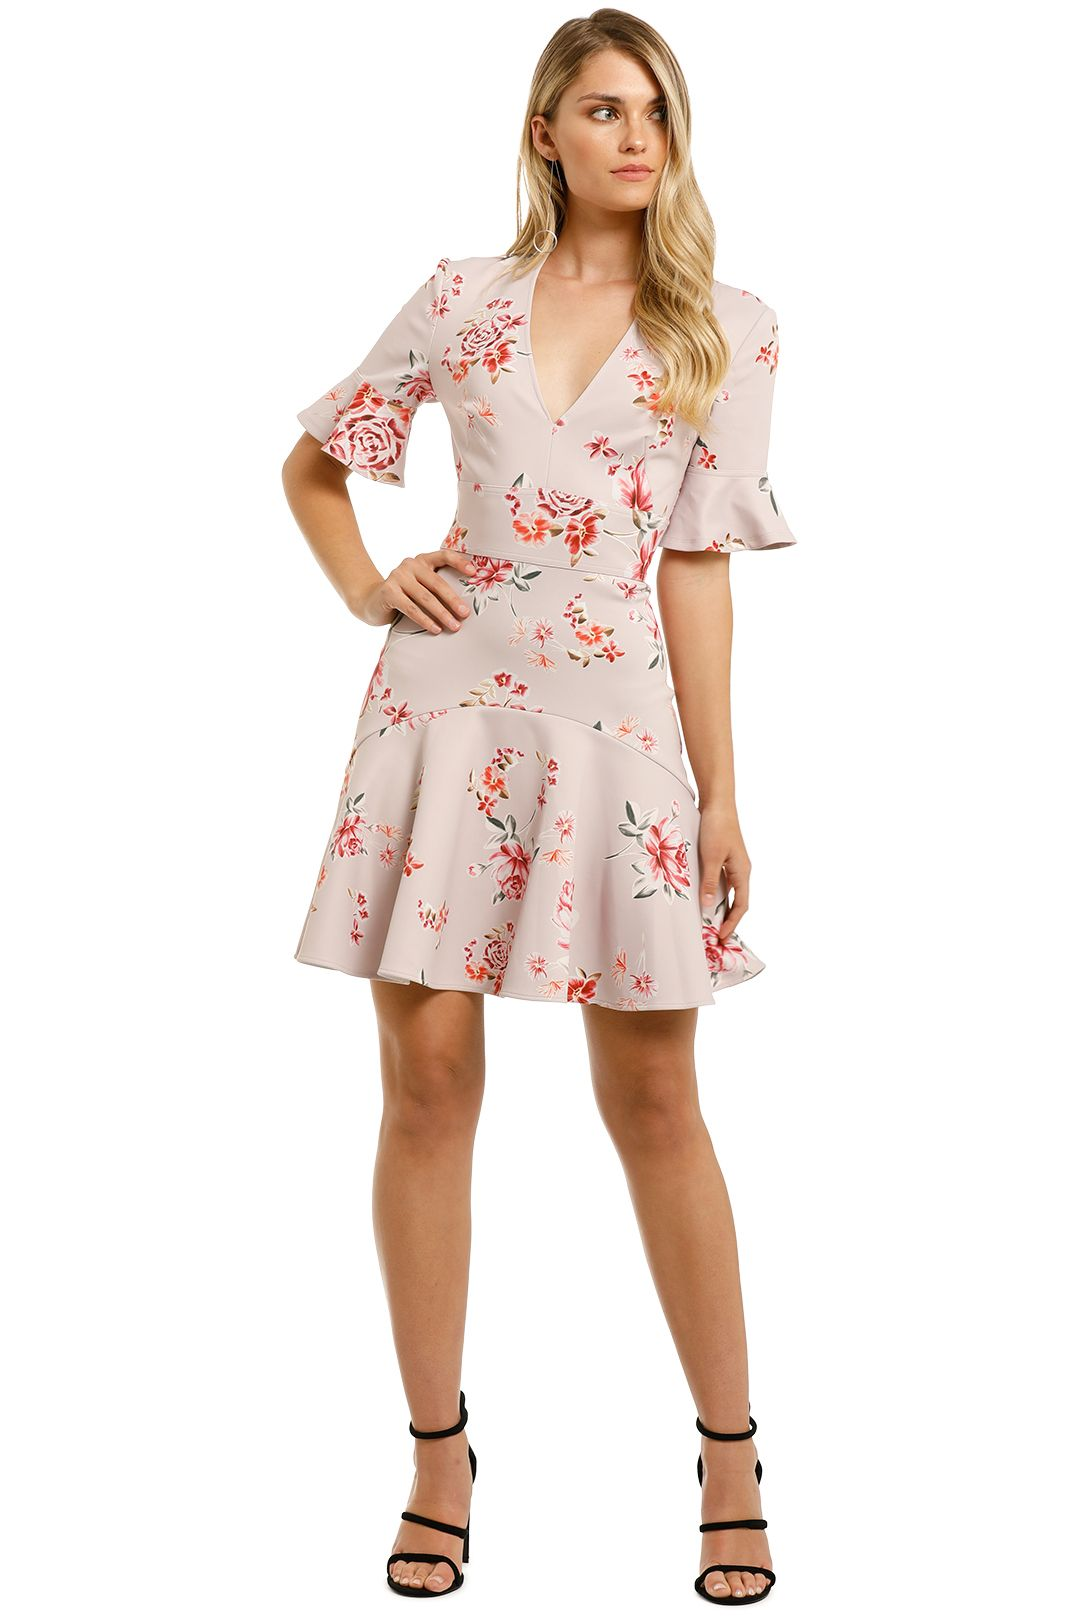 Lover-Blossom-V-Flip-Dress-Pink-Front